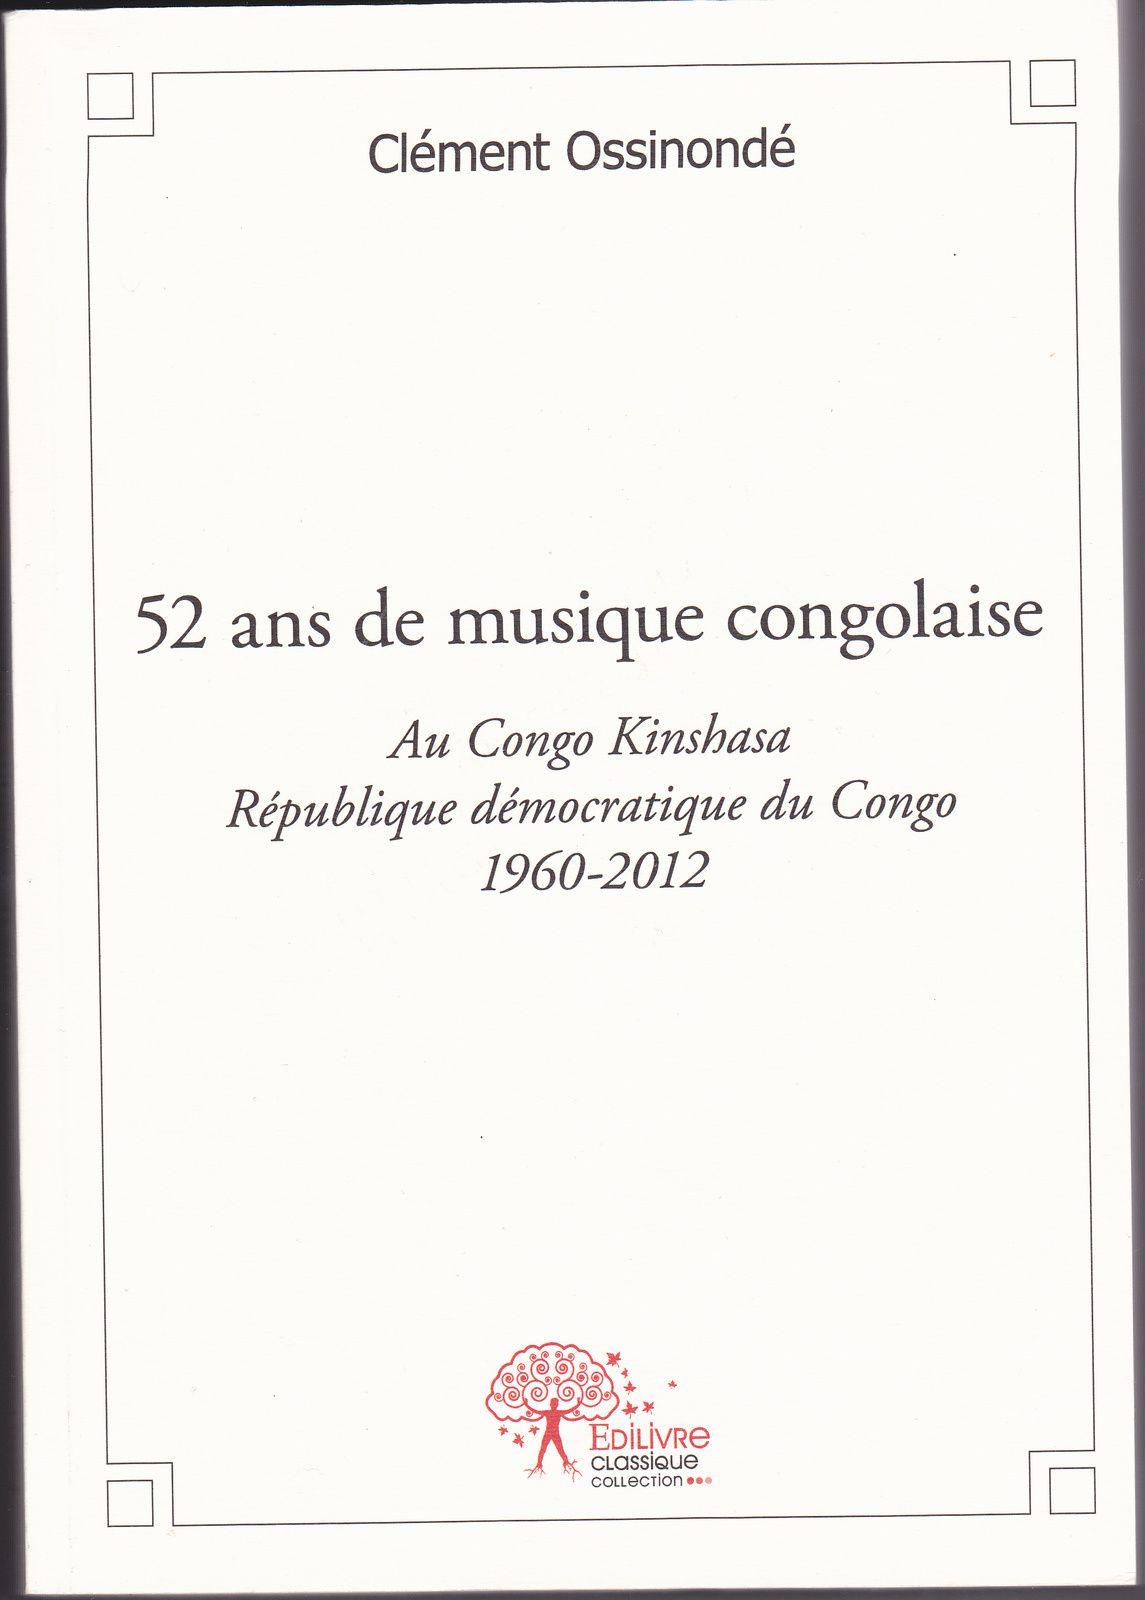 52 ans de musique congolaise au Congo-Kinshasa (1960-2012), par Clément Ossinondé